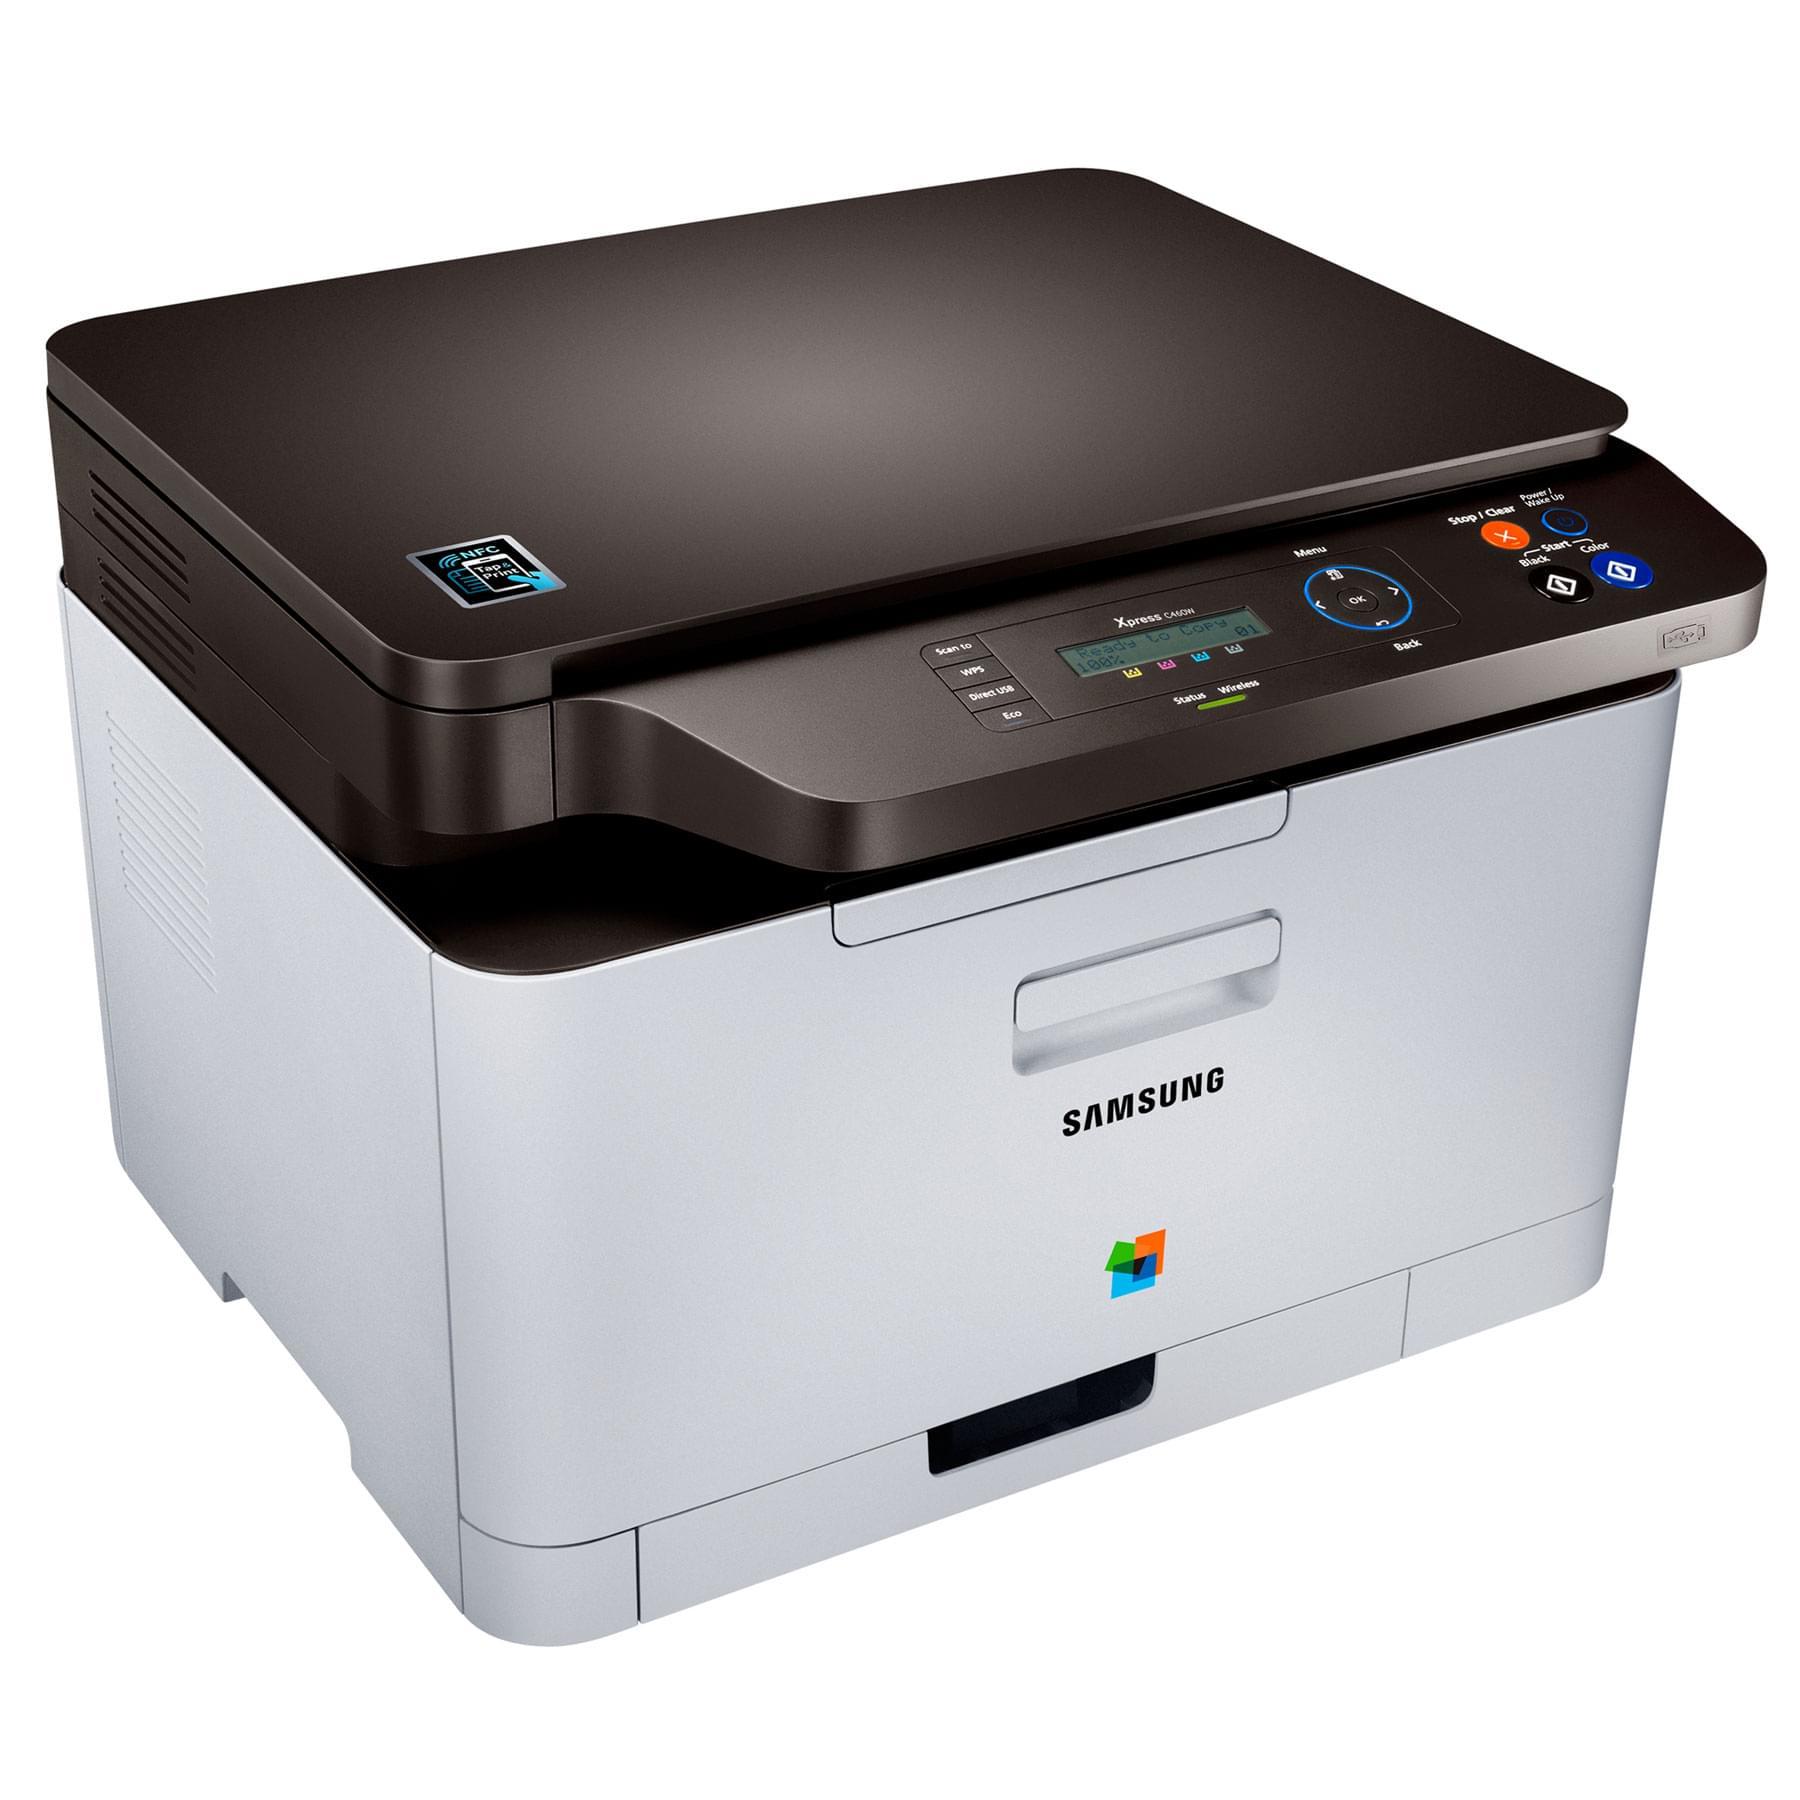 Samsung SL-C460W (Laser Couleur Reseau WiFi) (SL-C460W/SEE) - Achat / Vente Imprimante Multifonction sur Cybertek.fr - 0